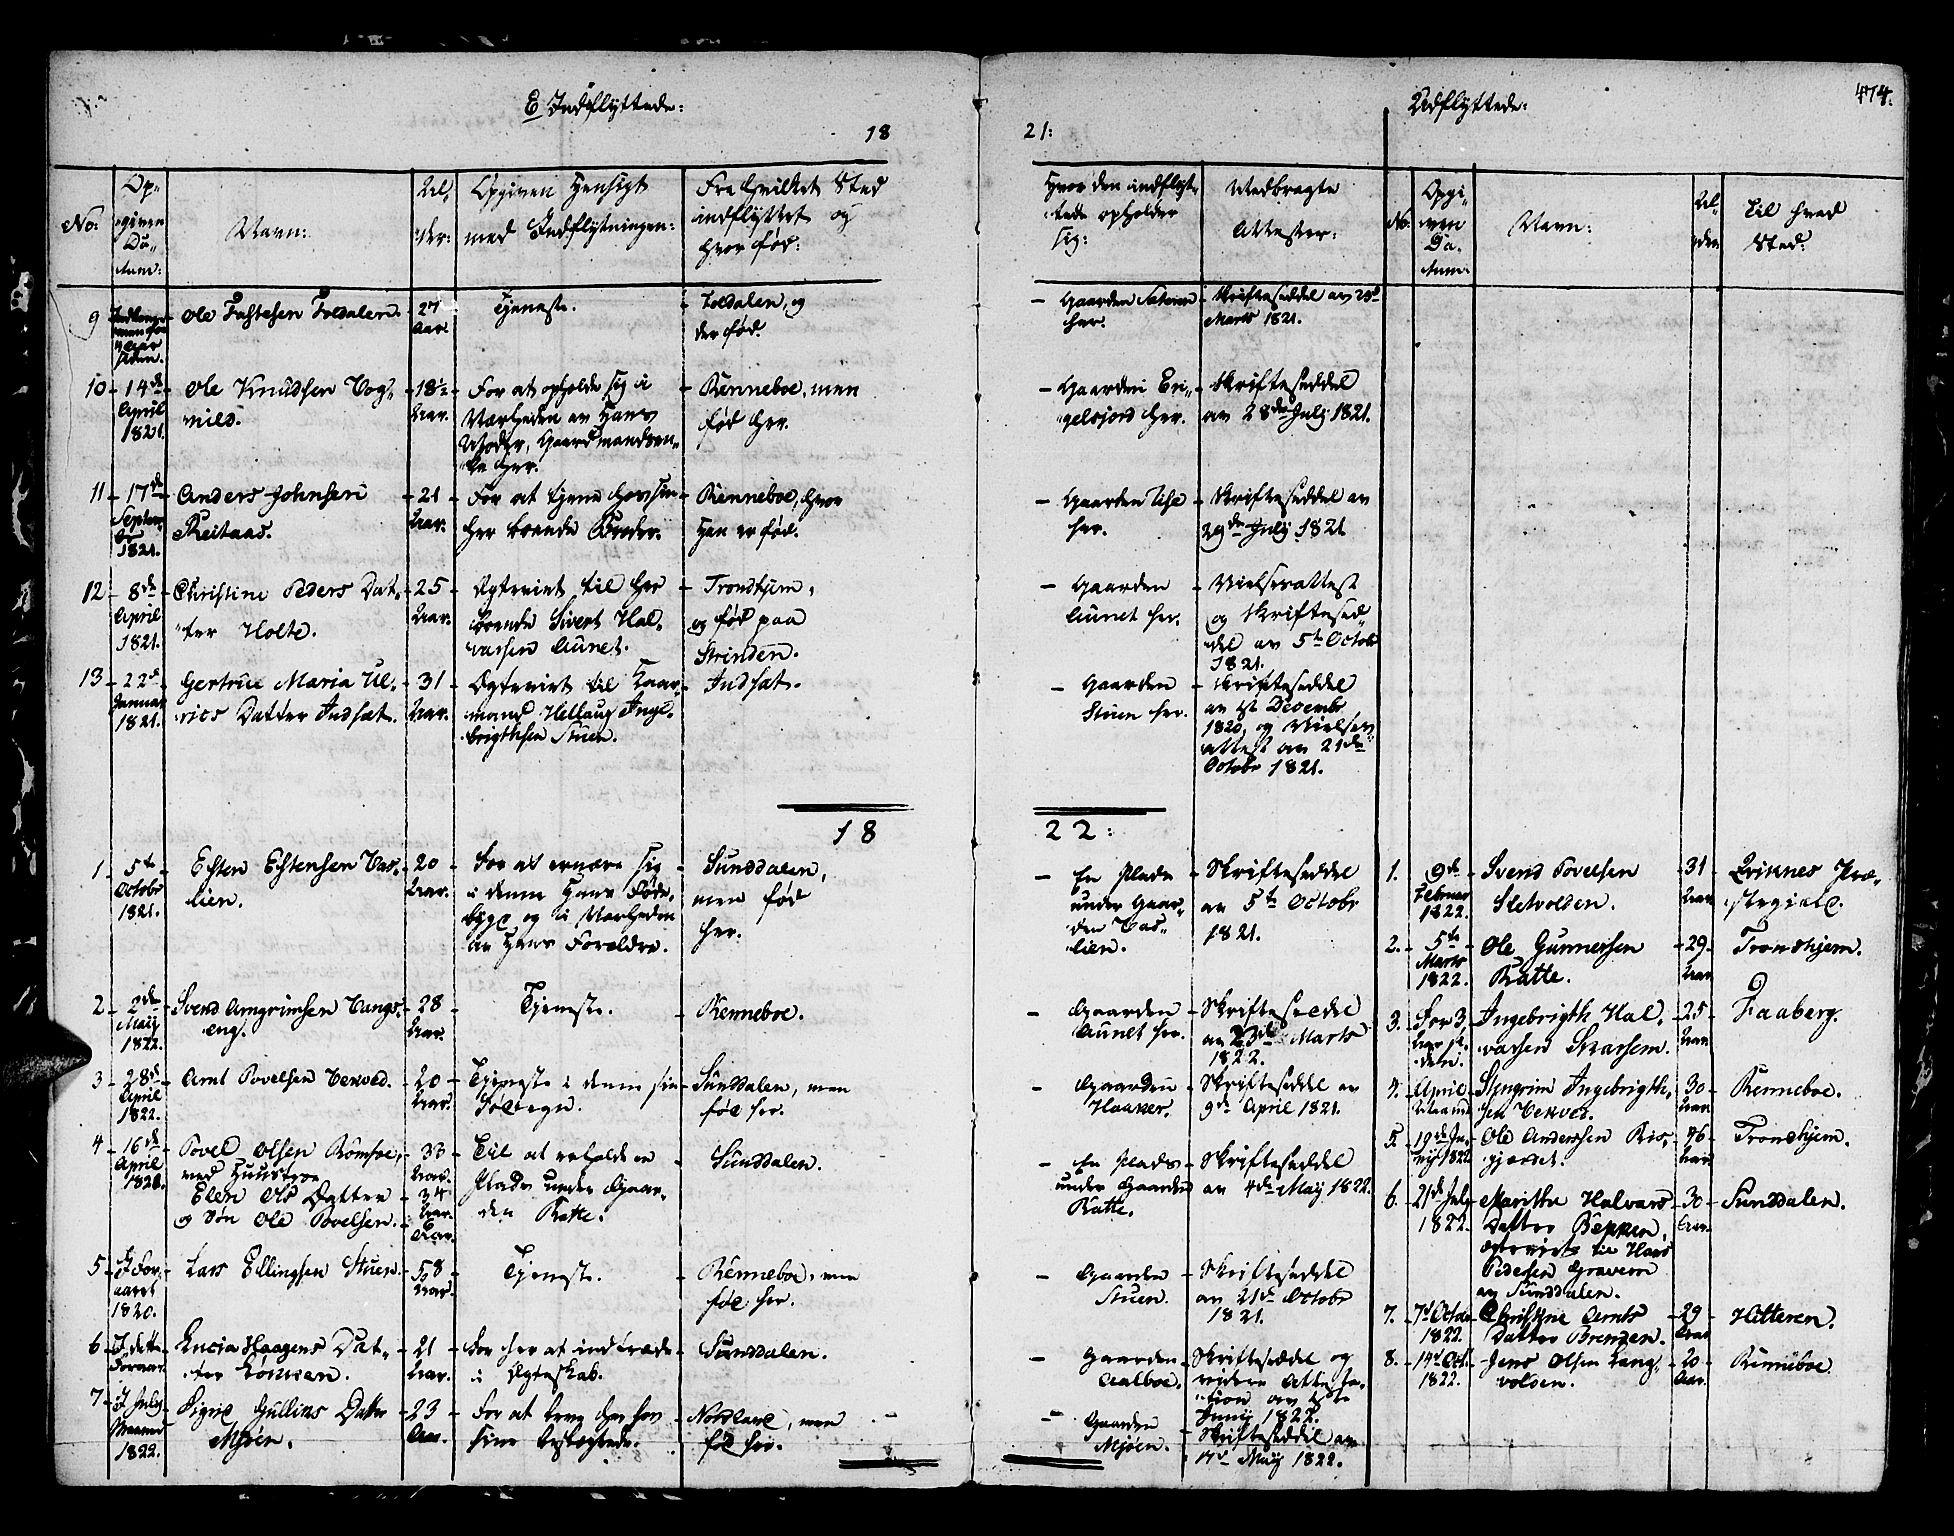 SAT, Ministerialprotokoller, klokkerbøker og fødselsregistre - Sør-Trøndelag, 678/L0897: Ministerialbok nr. 678A06-07, 1821-1847, s. 474